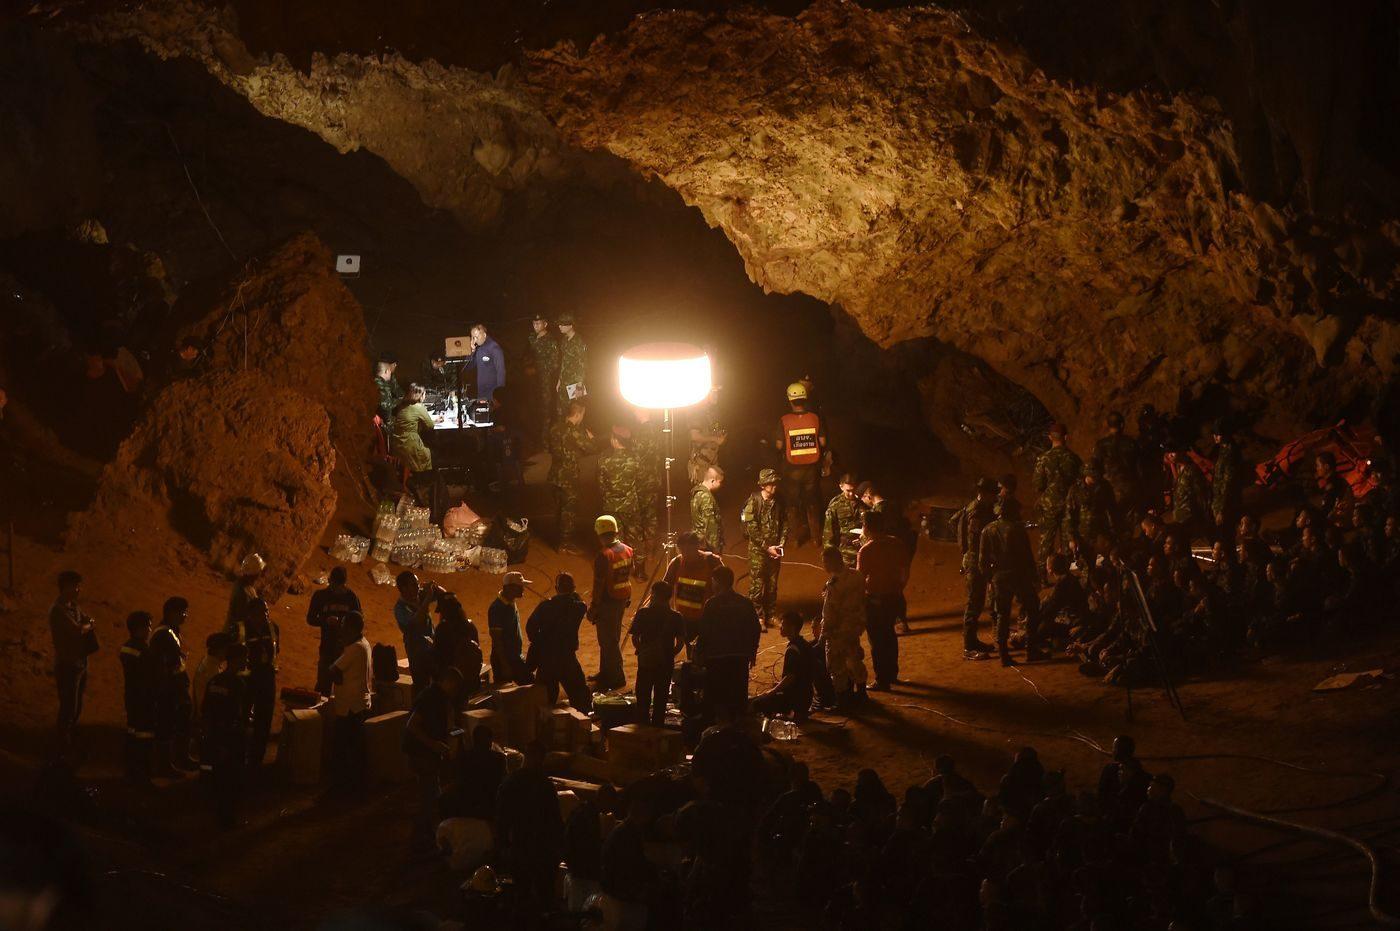 Ragazzi in grotta, accelerano ricerche - Ultima Ora